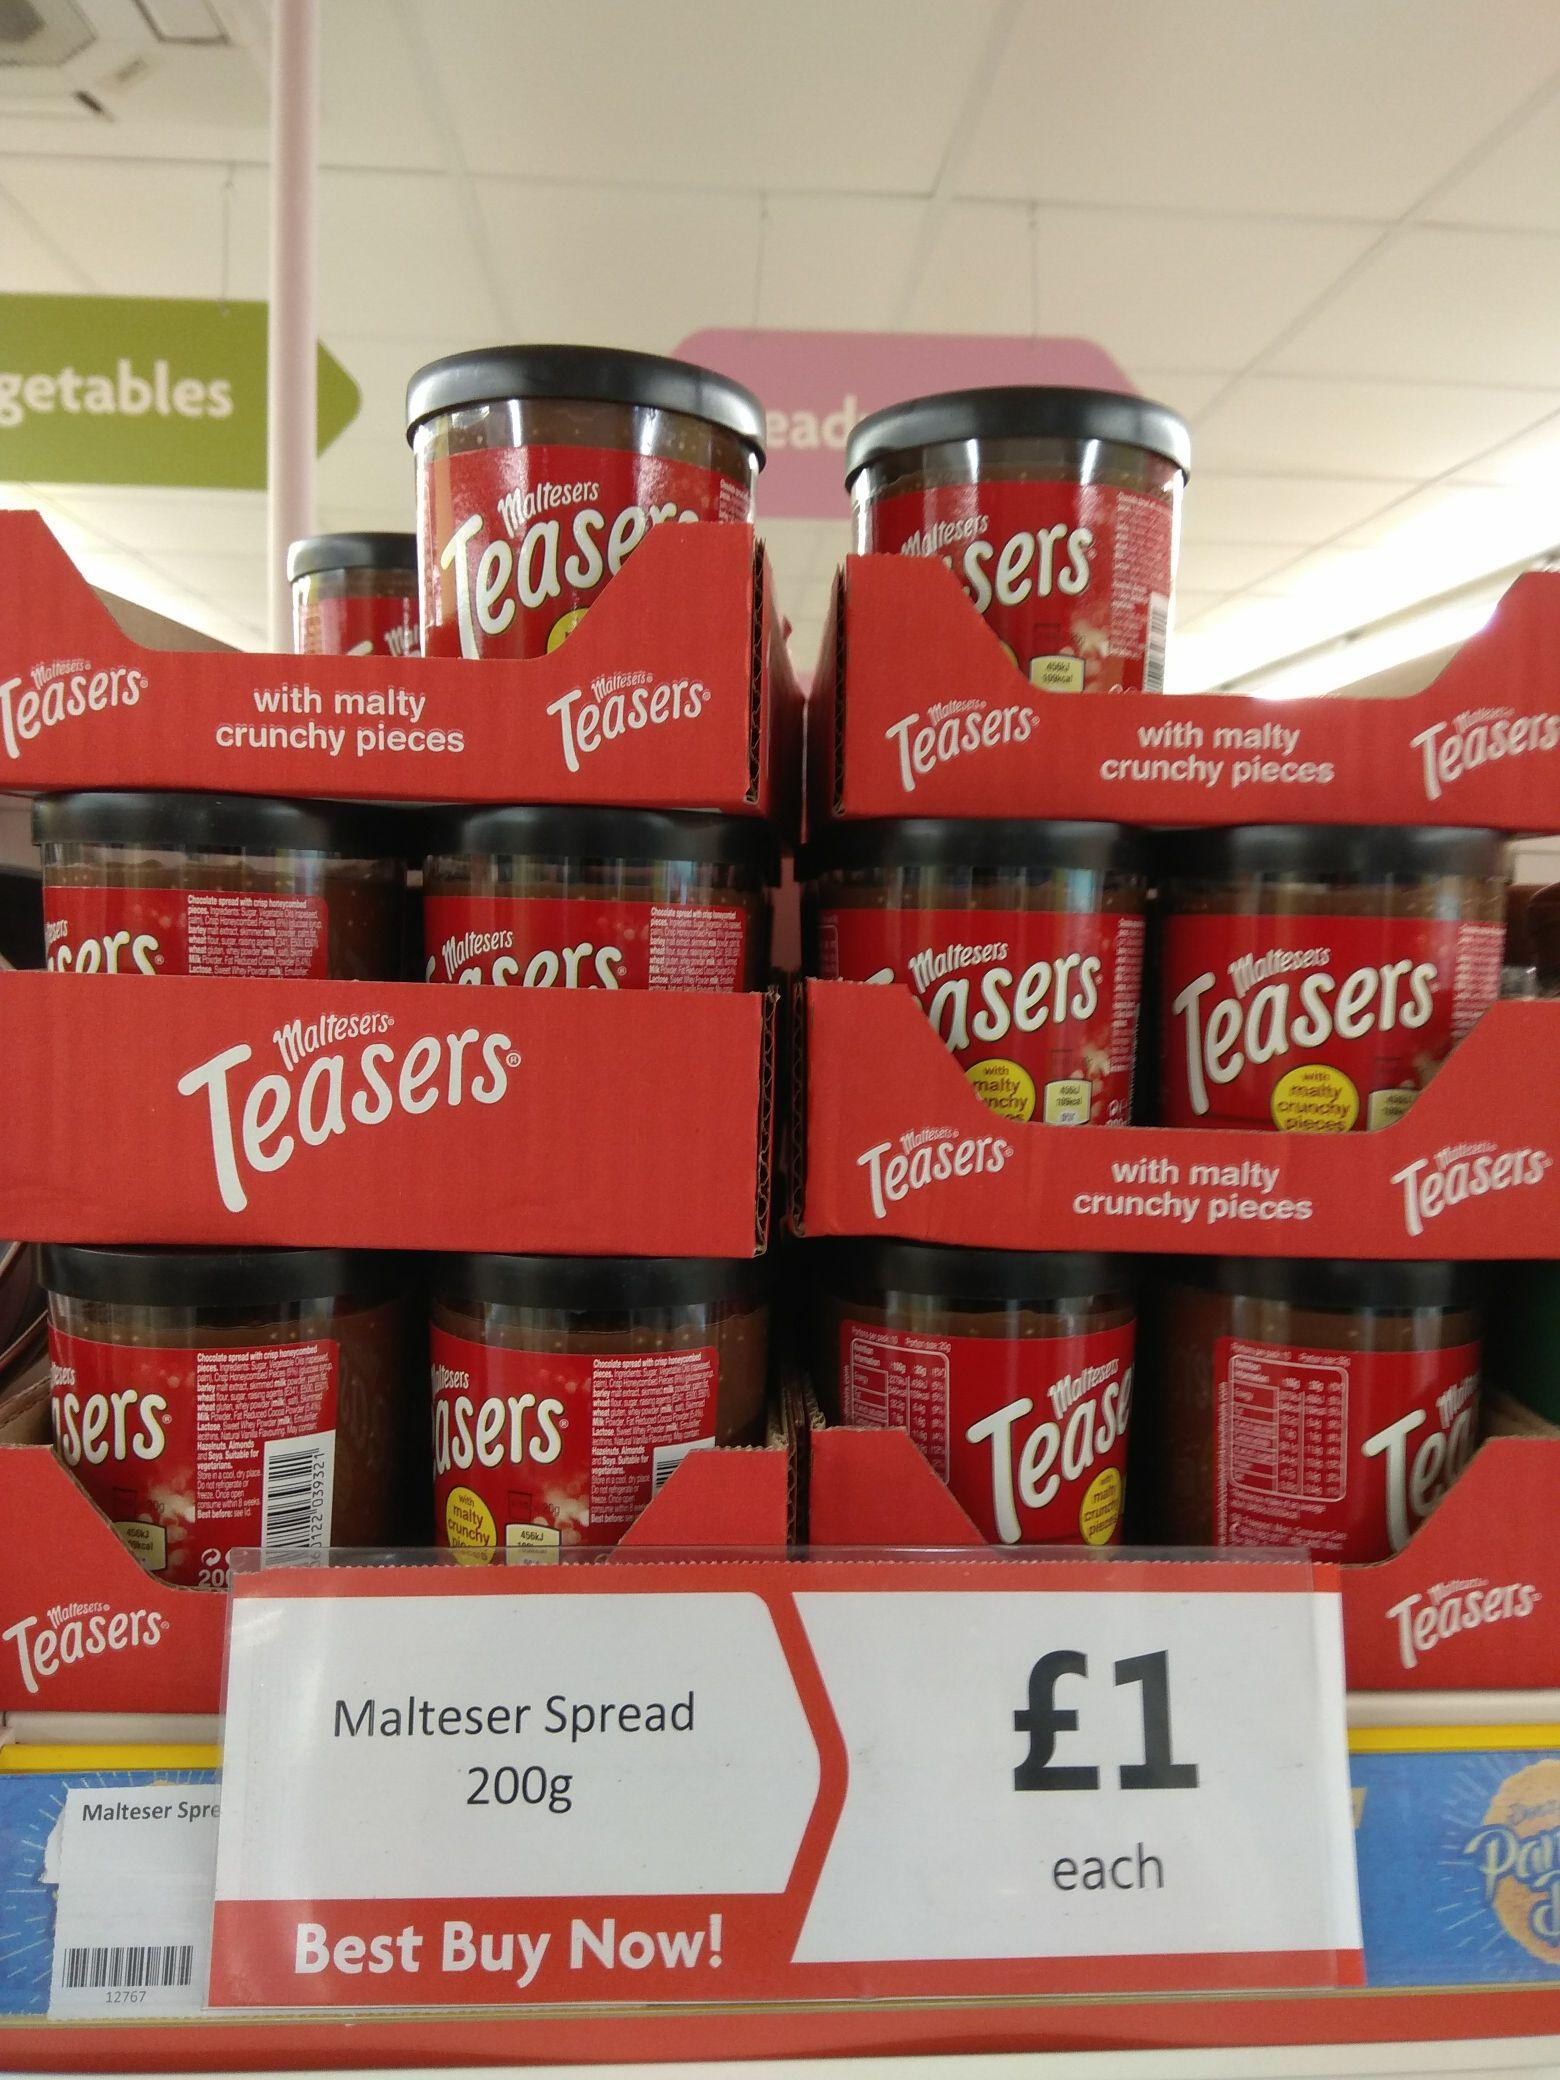 Maltesers spread 200g £1 @ Heron foods